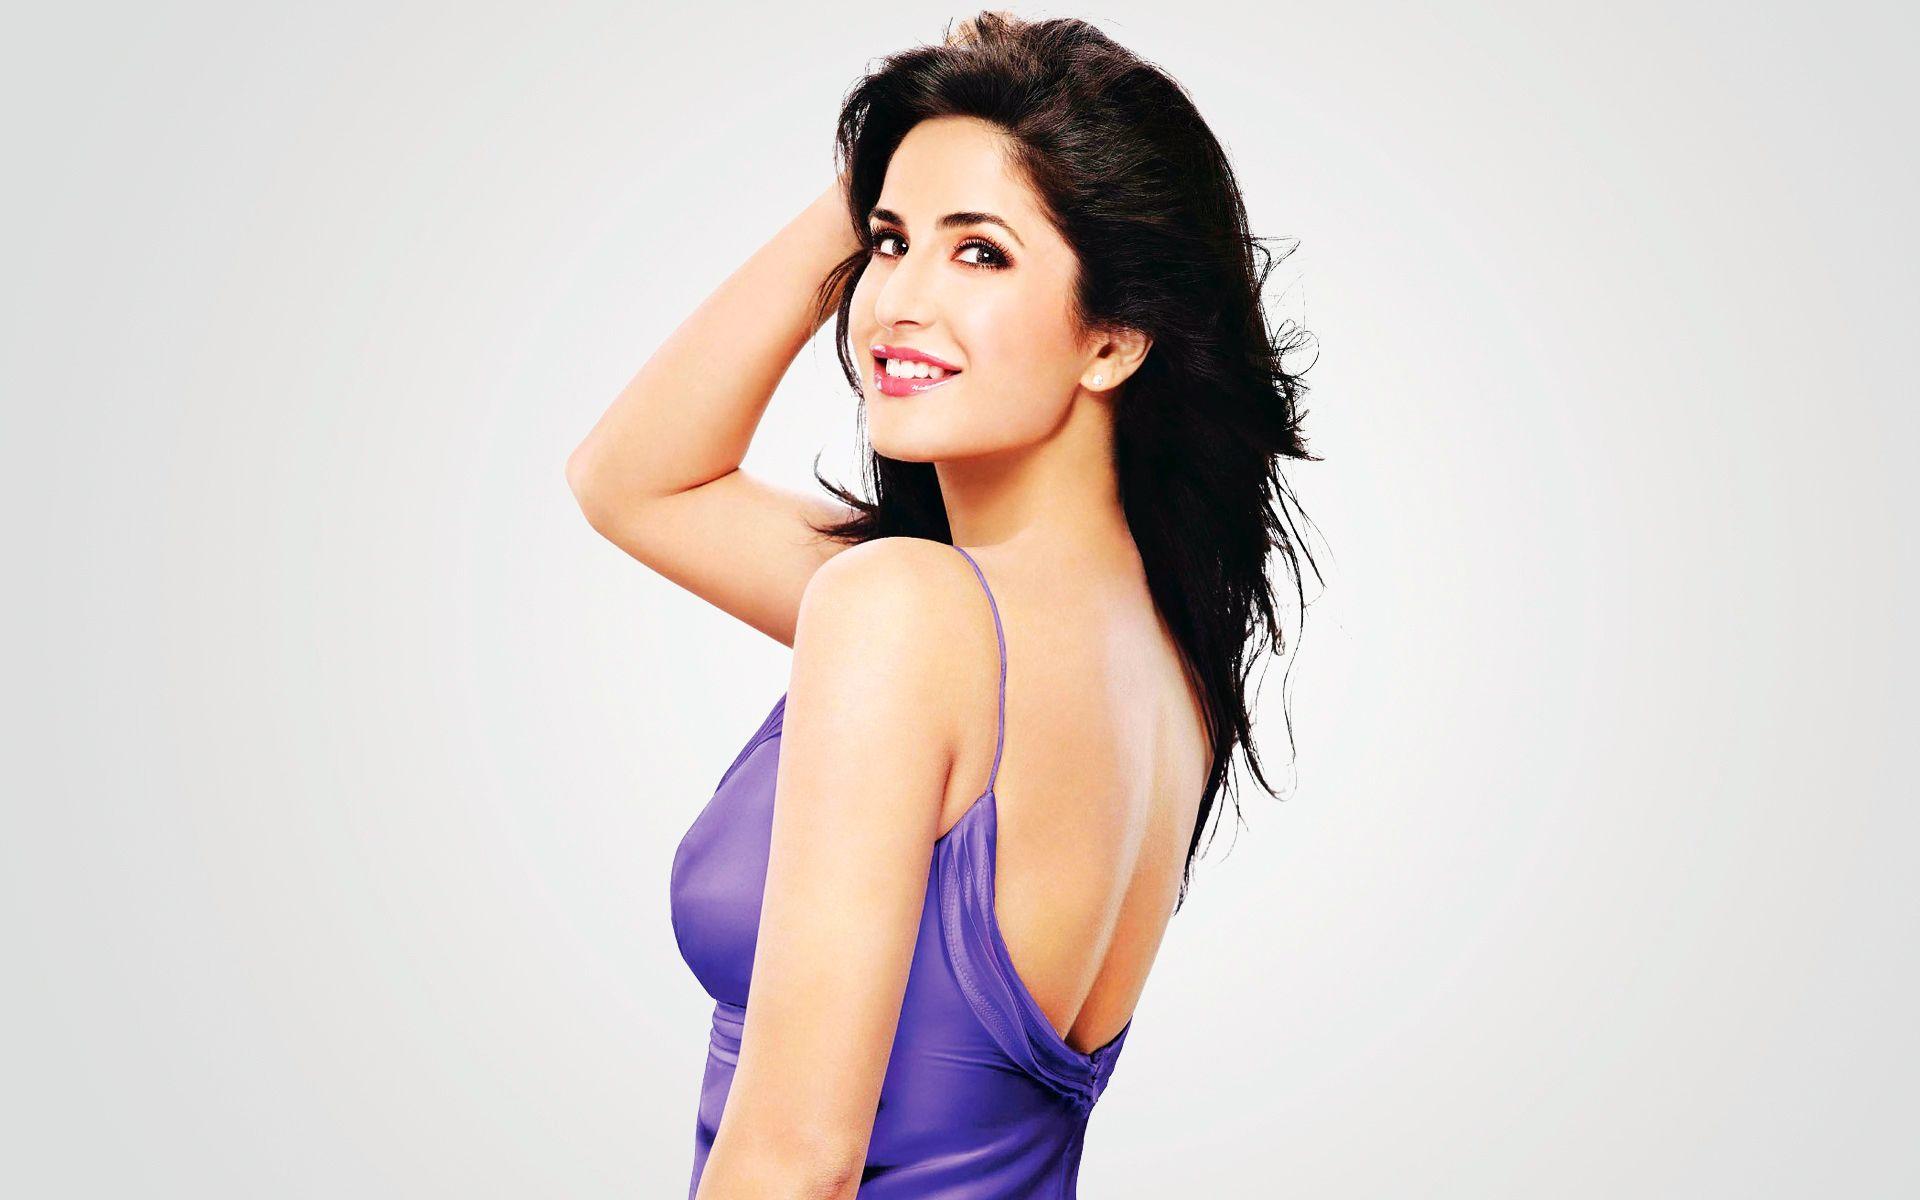 actress katrina kaif wallpaper